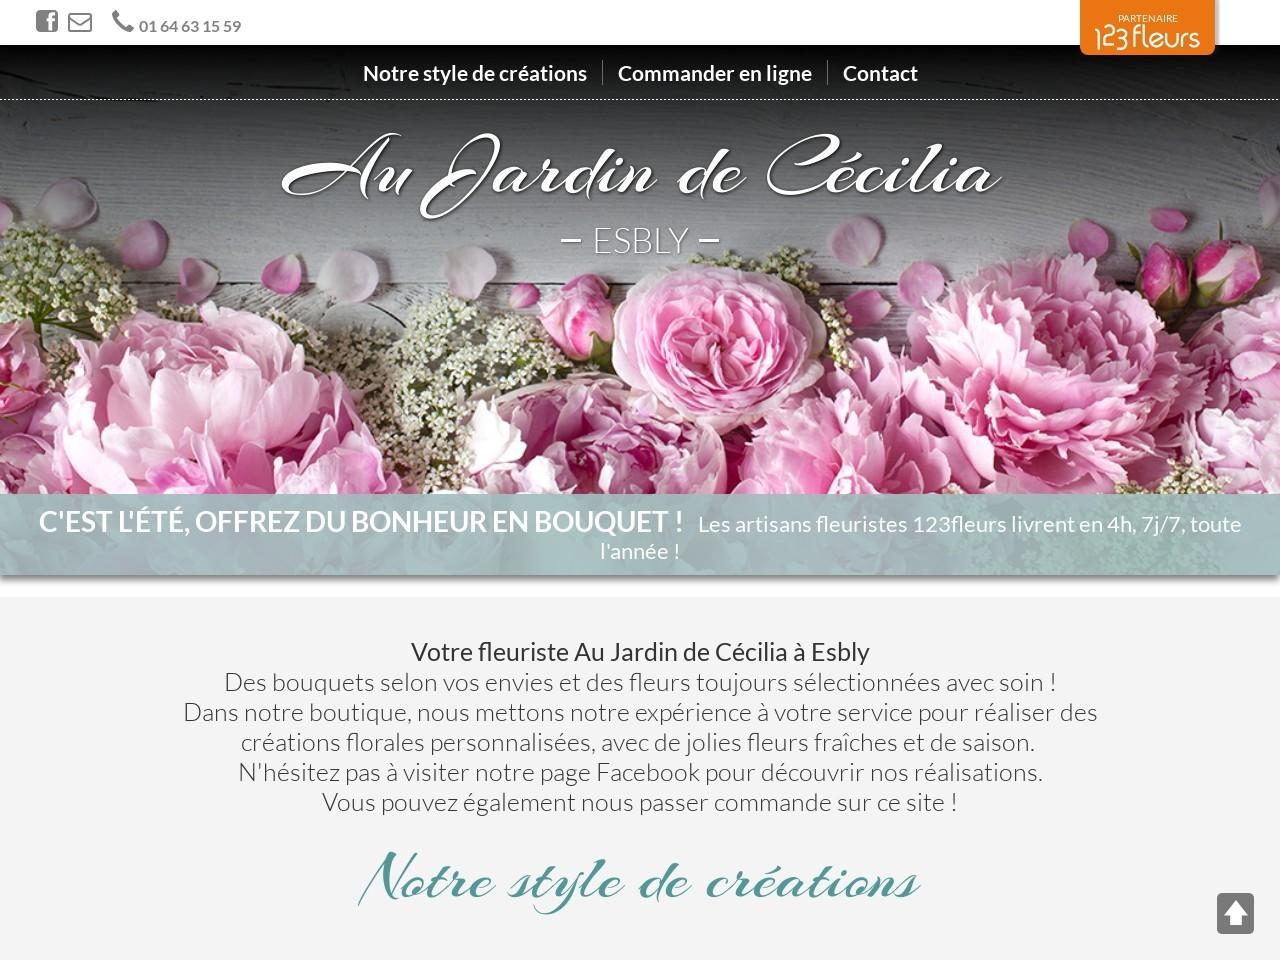 Site fleuriste Au Jardin de Cecilia - 123fleurs